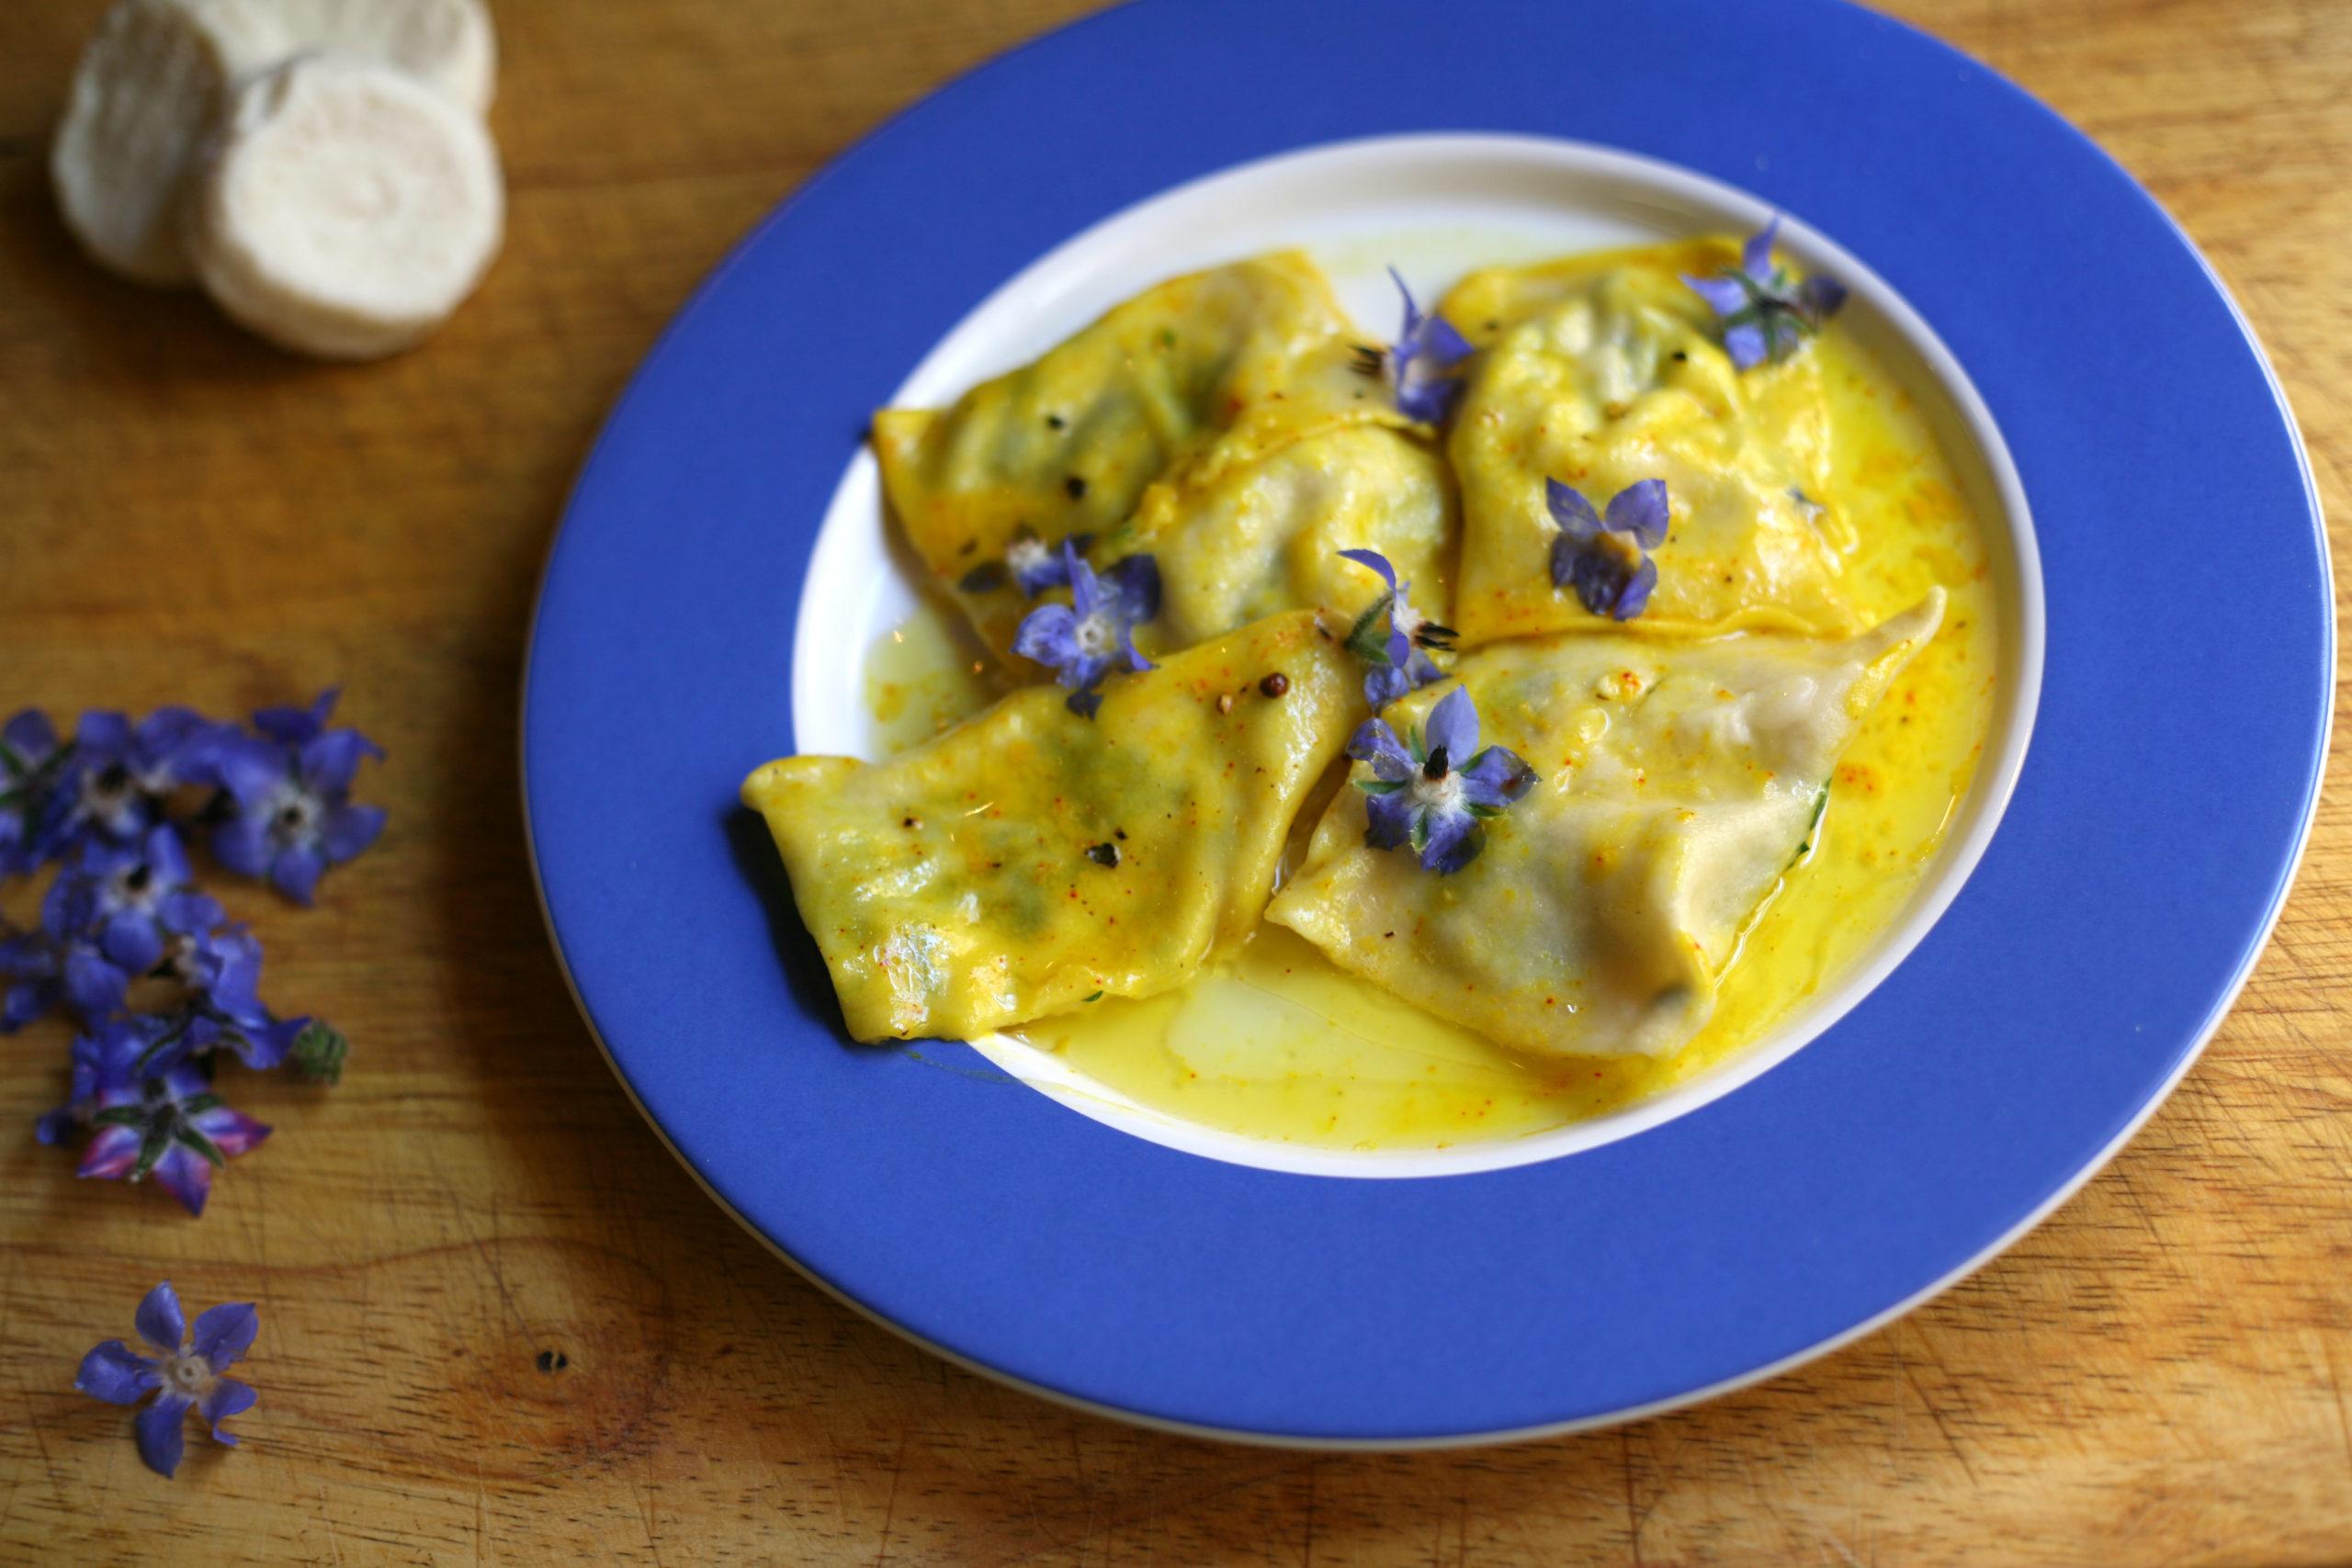 Ravioli with gbejniet in saffron butter